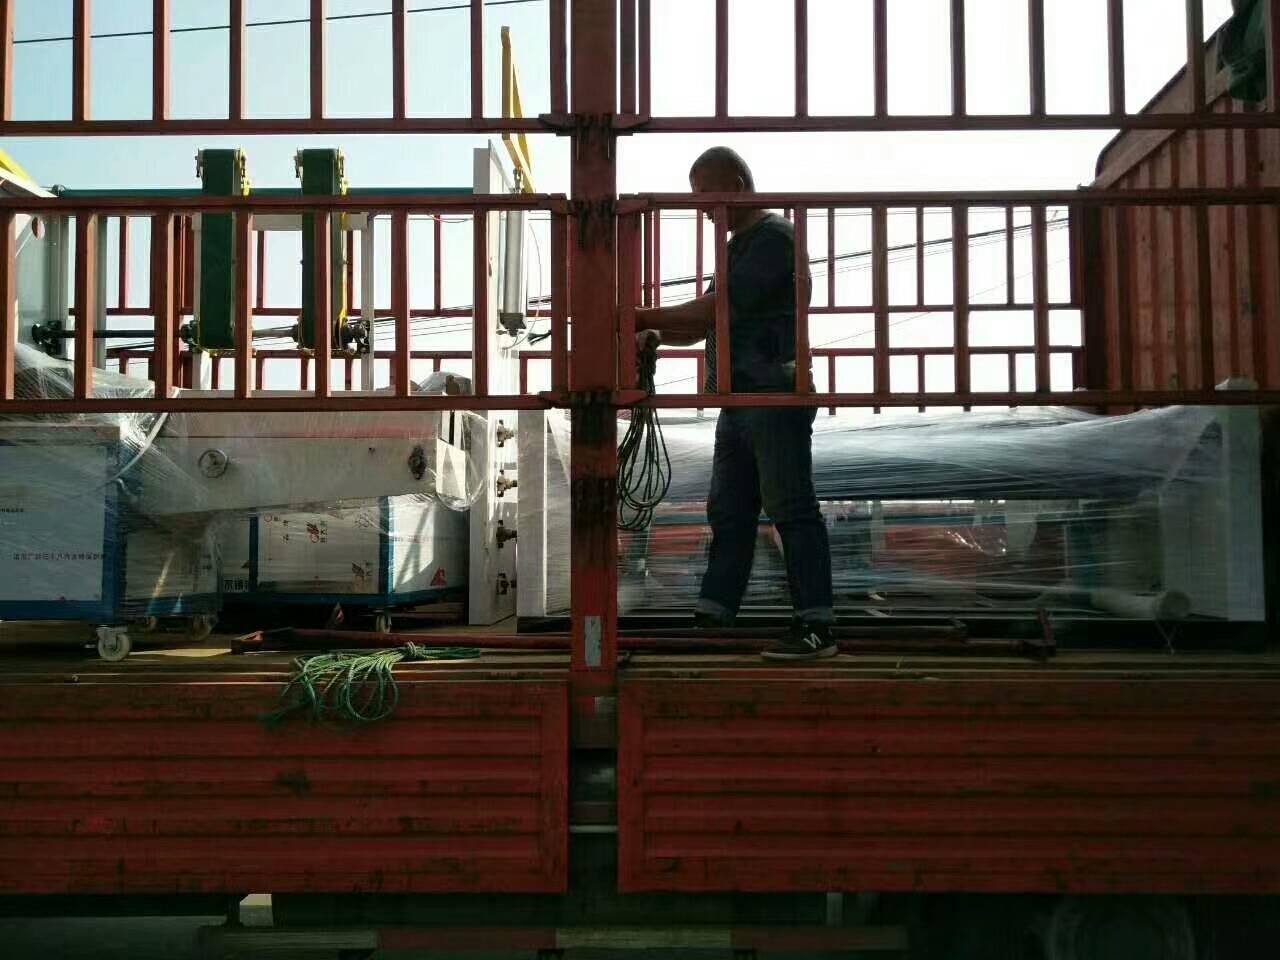 安徽蚌埠全自动抽纸机和万博体育投注加工设备发货